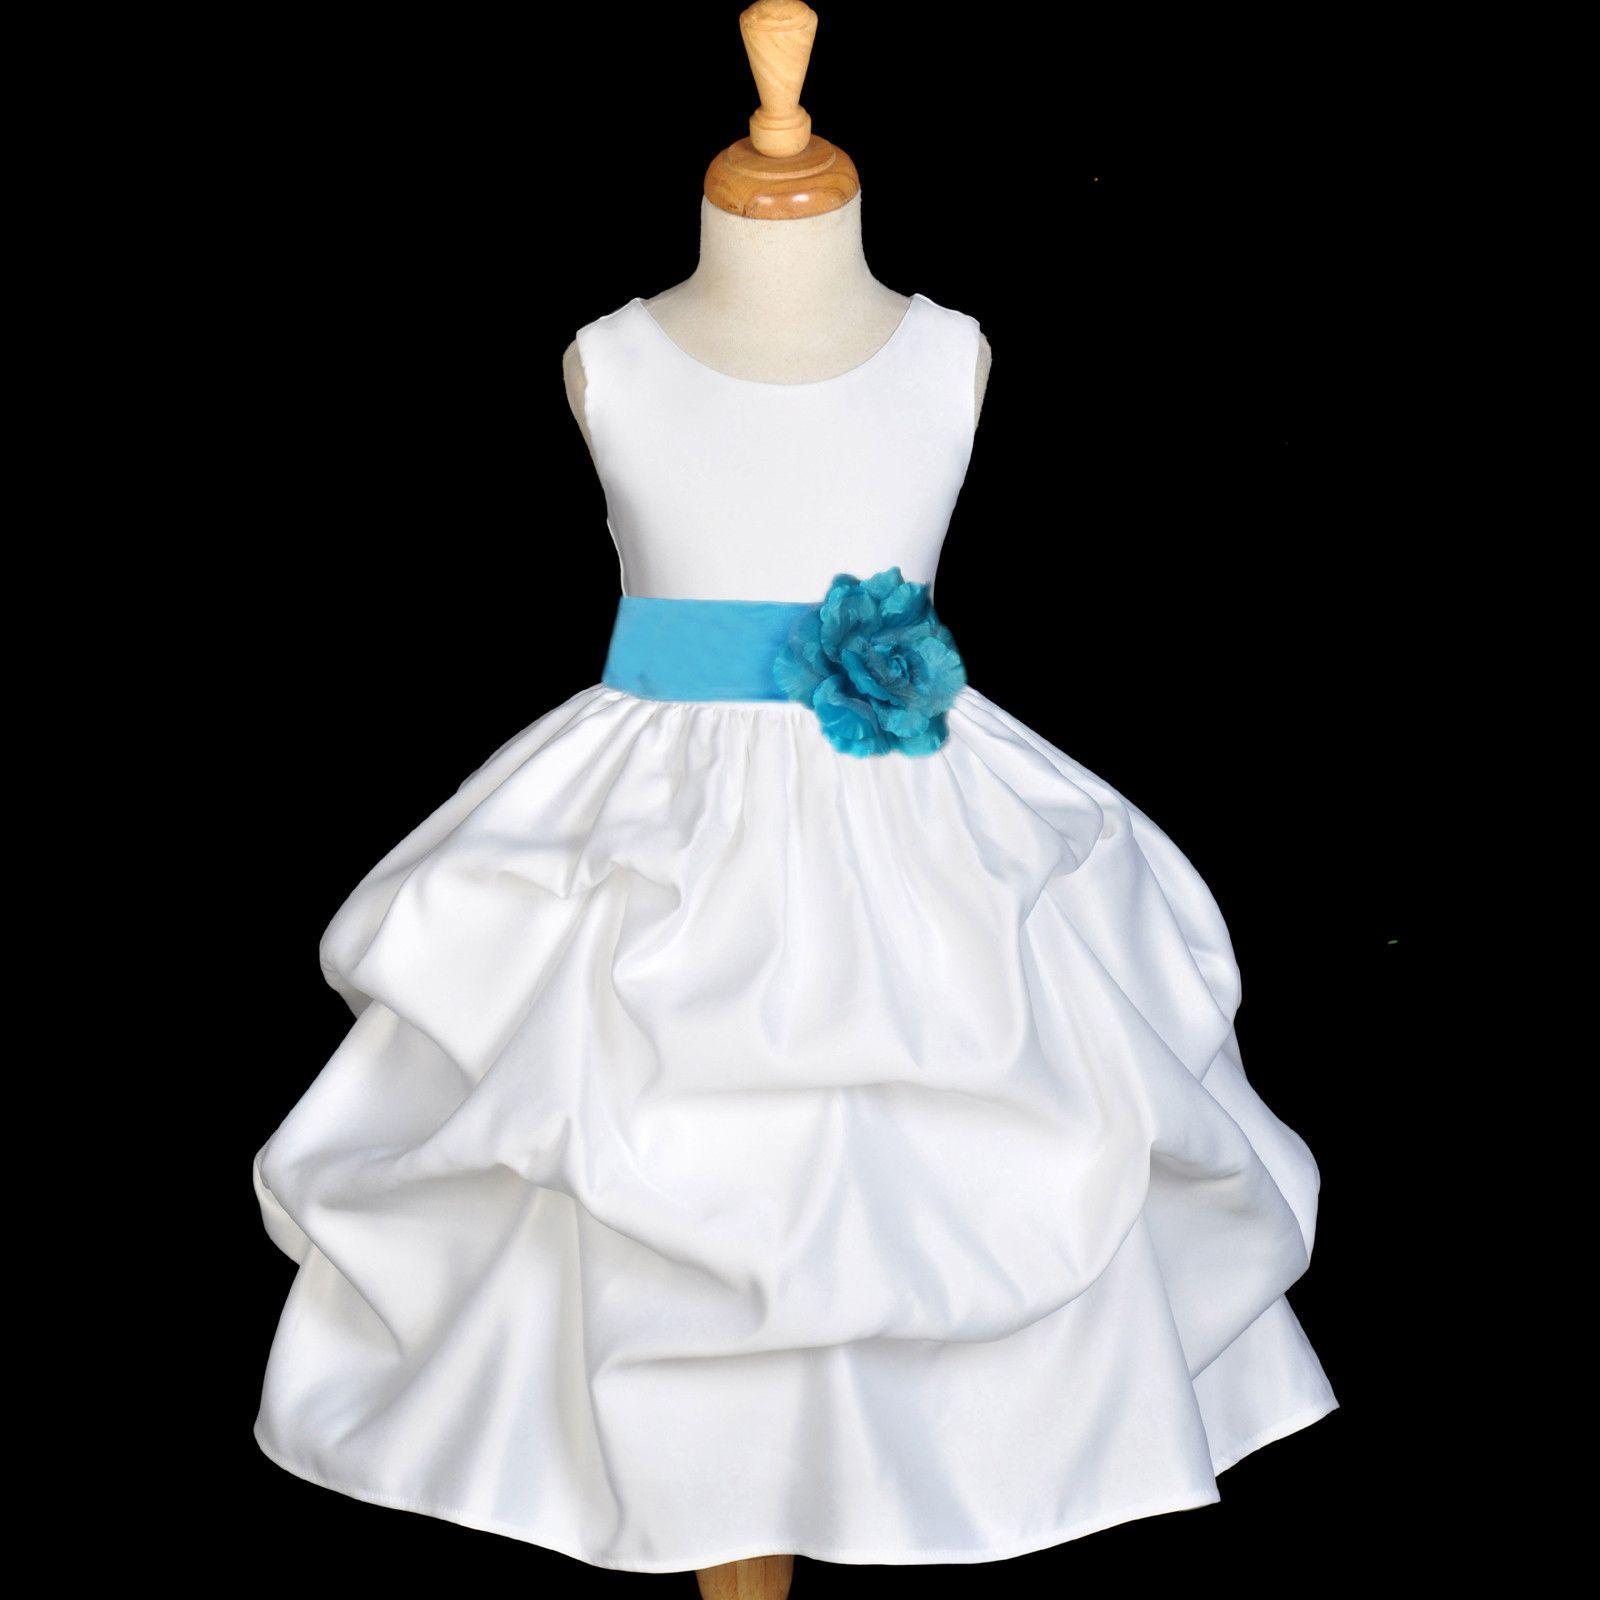 Baby Blue And White Flower Girl Dresses 54